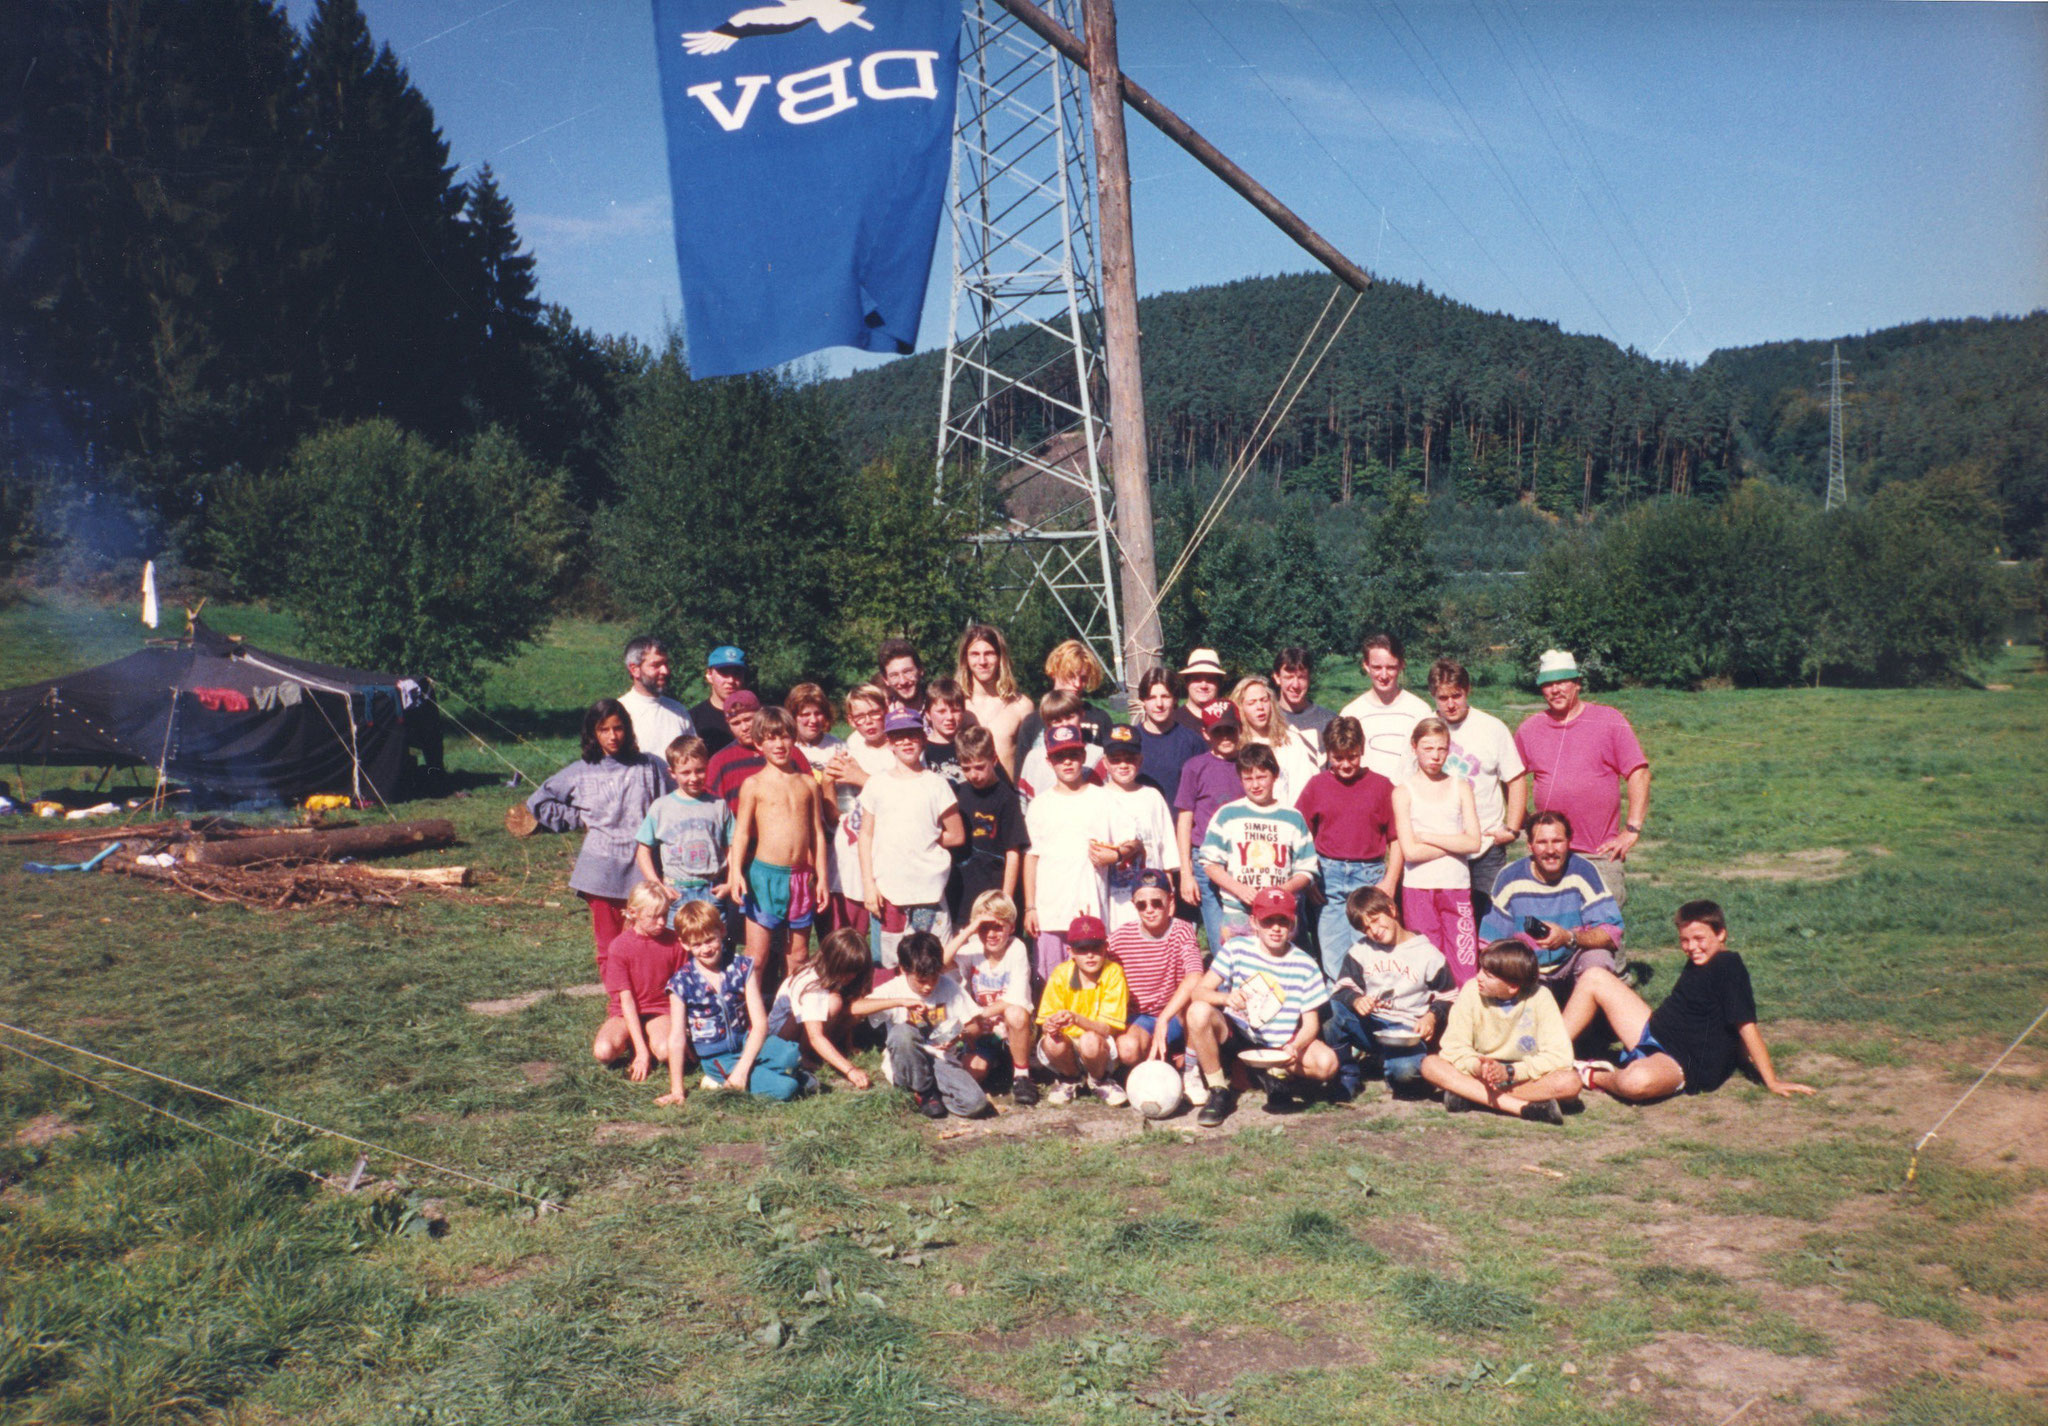 Herbstzeltlager 1994 am Marbacher Stausee im Odenwald.